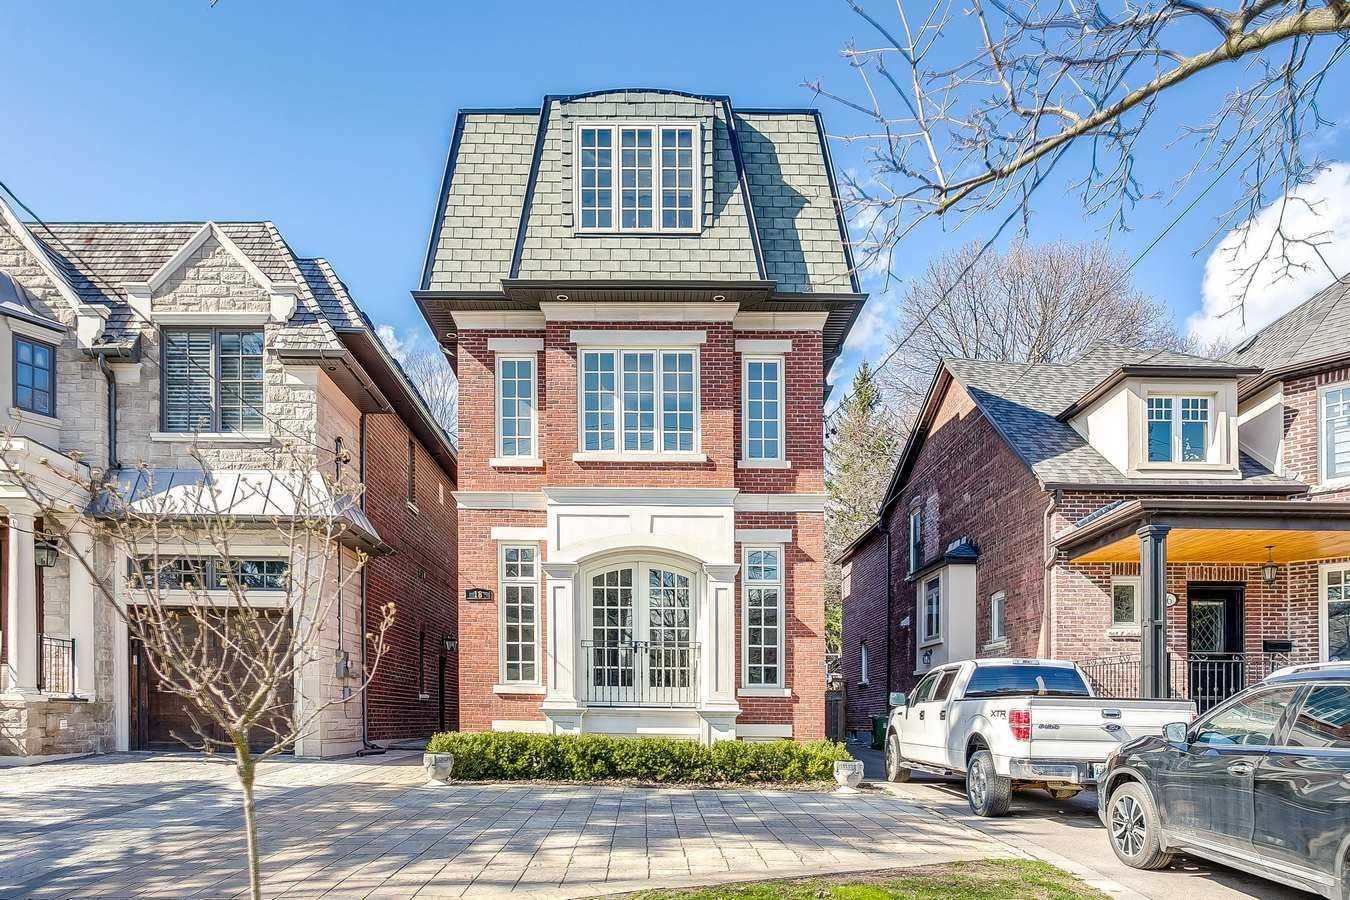 18 Glencairn Ave, Toronto, M4R1M5